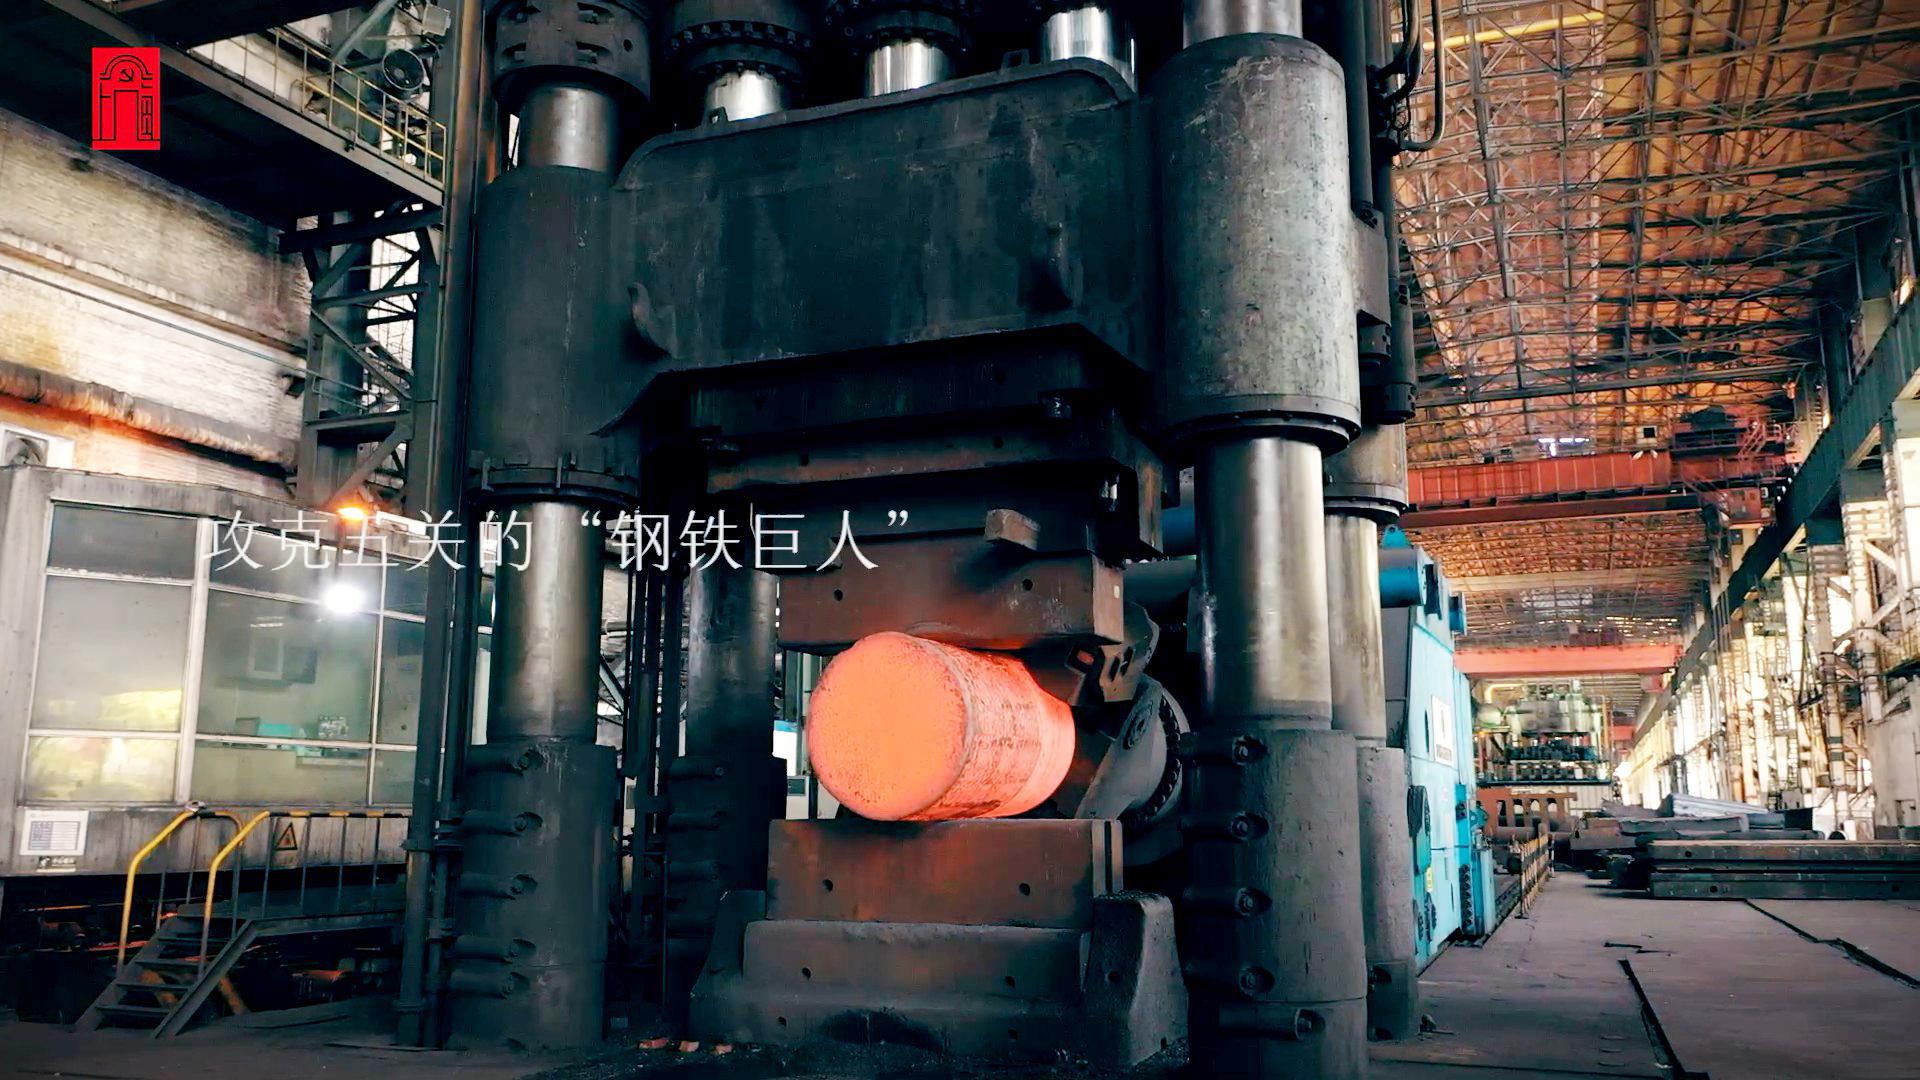 1958年5月22日,煤炭工业部副部长沈鸿给毛主席写信……